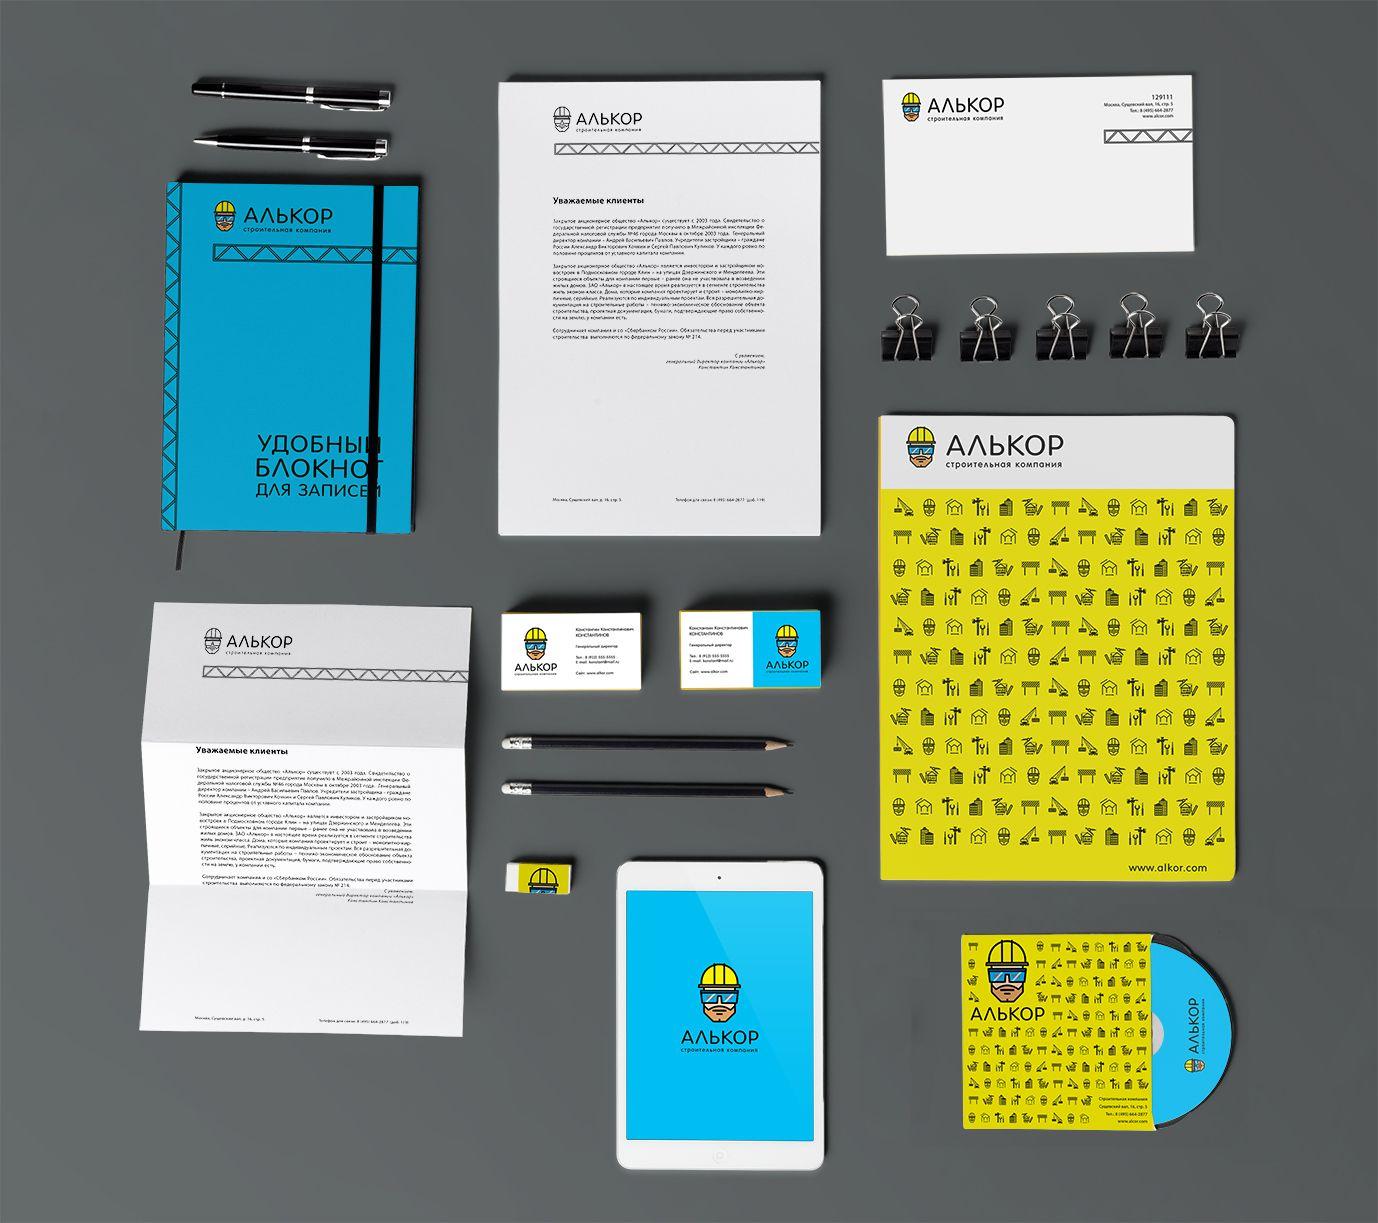 Логотип и фир.стиль для строительной организации - дизайнер zadumki